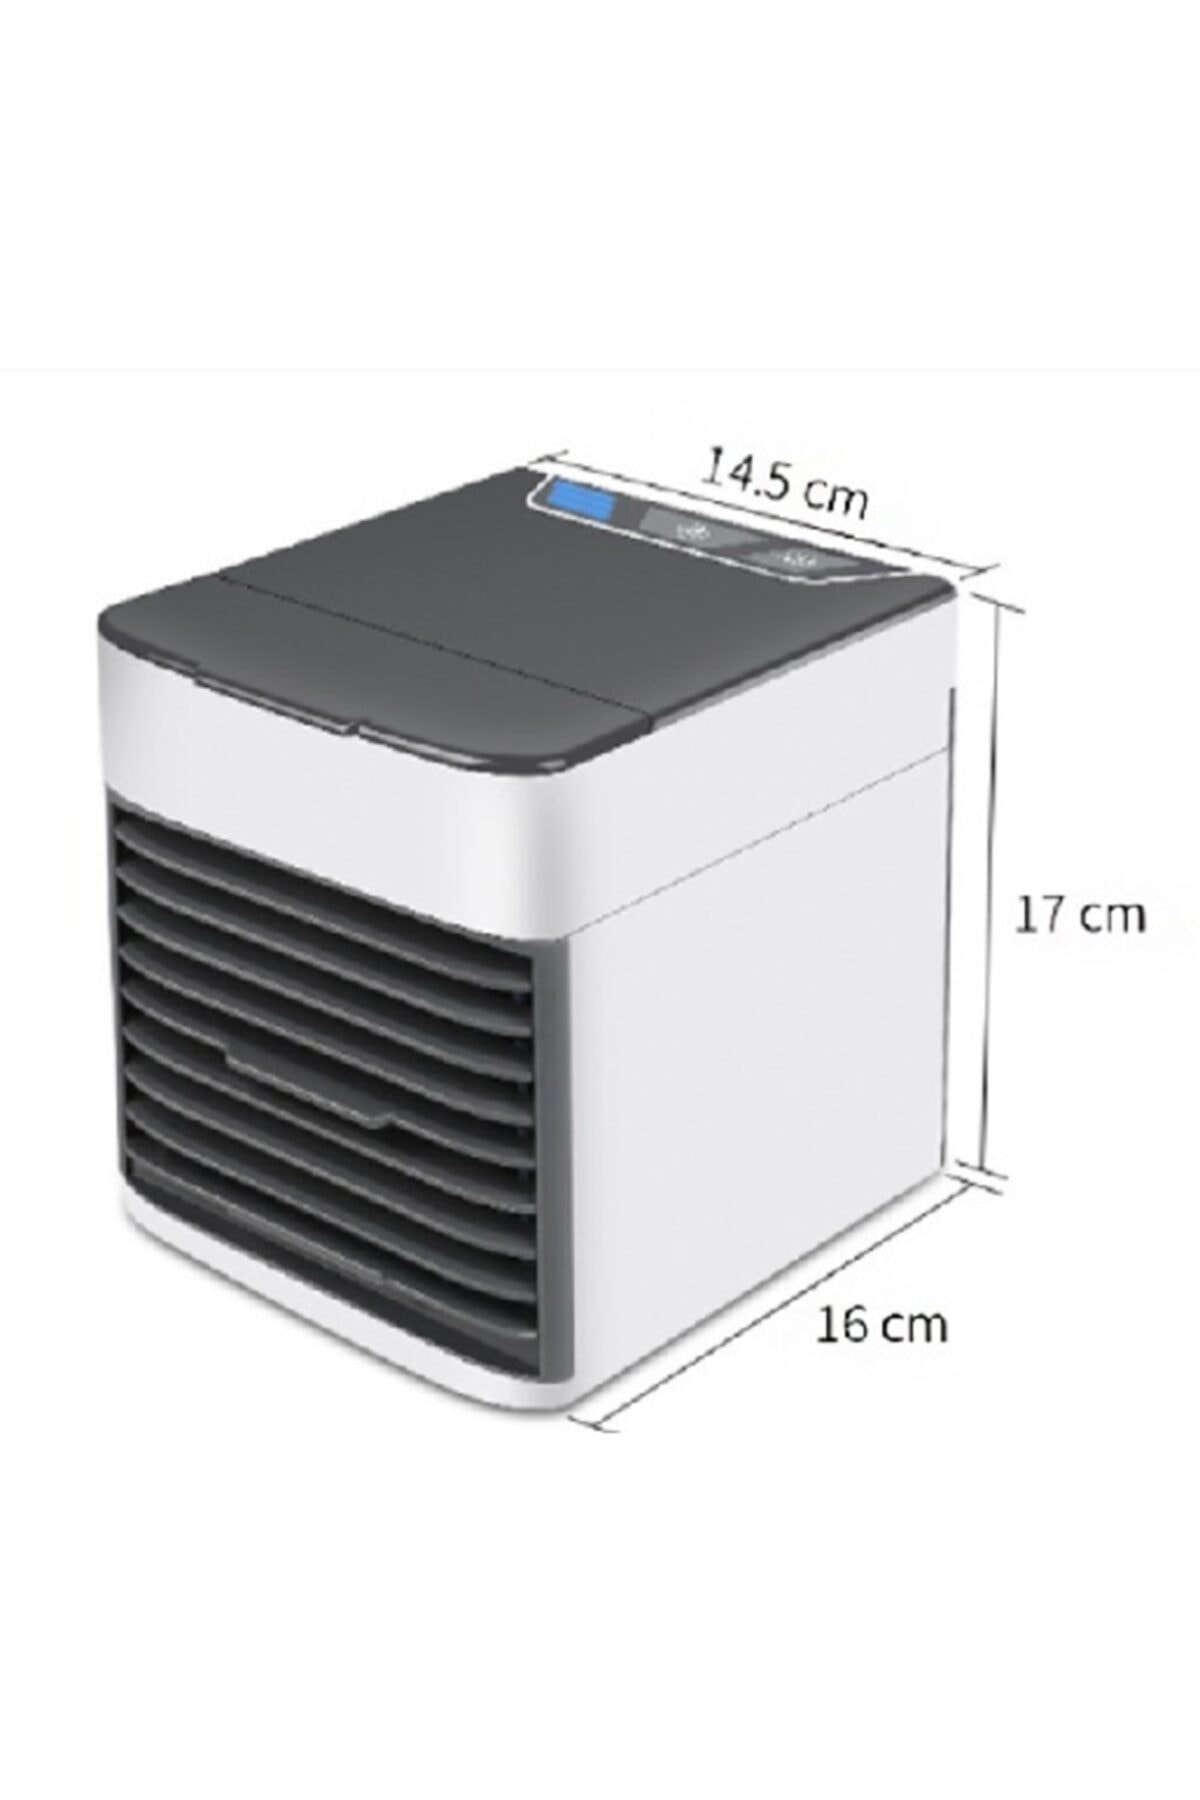 JUNGLEE Arctic Air Ultra Mini Klima Usb Li Mini Soğutucu 3 Kademeli Fan